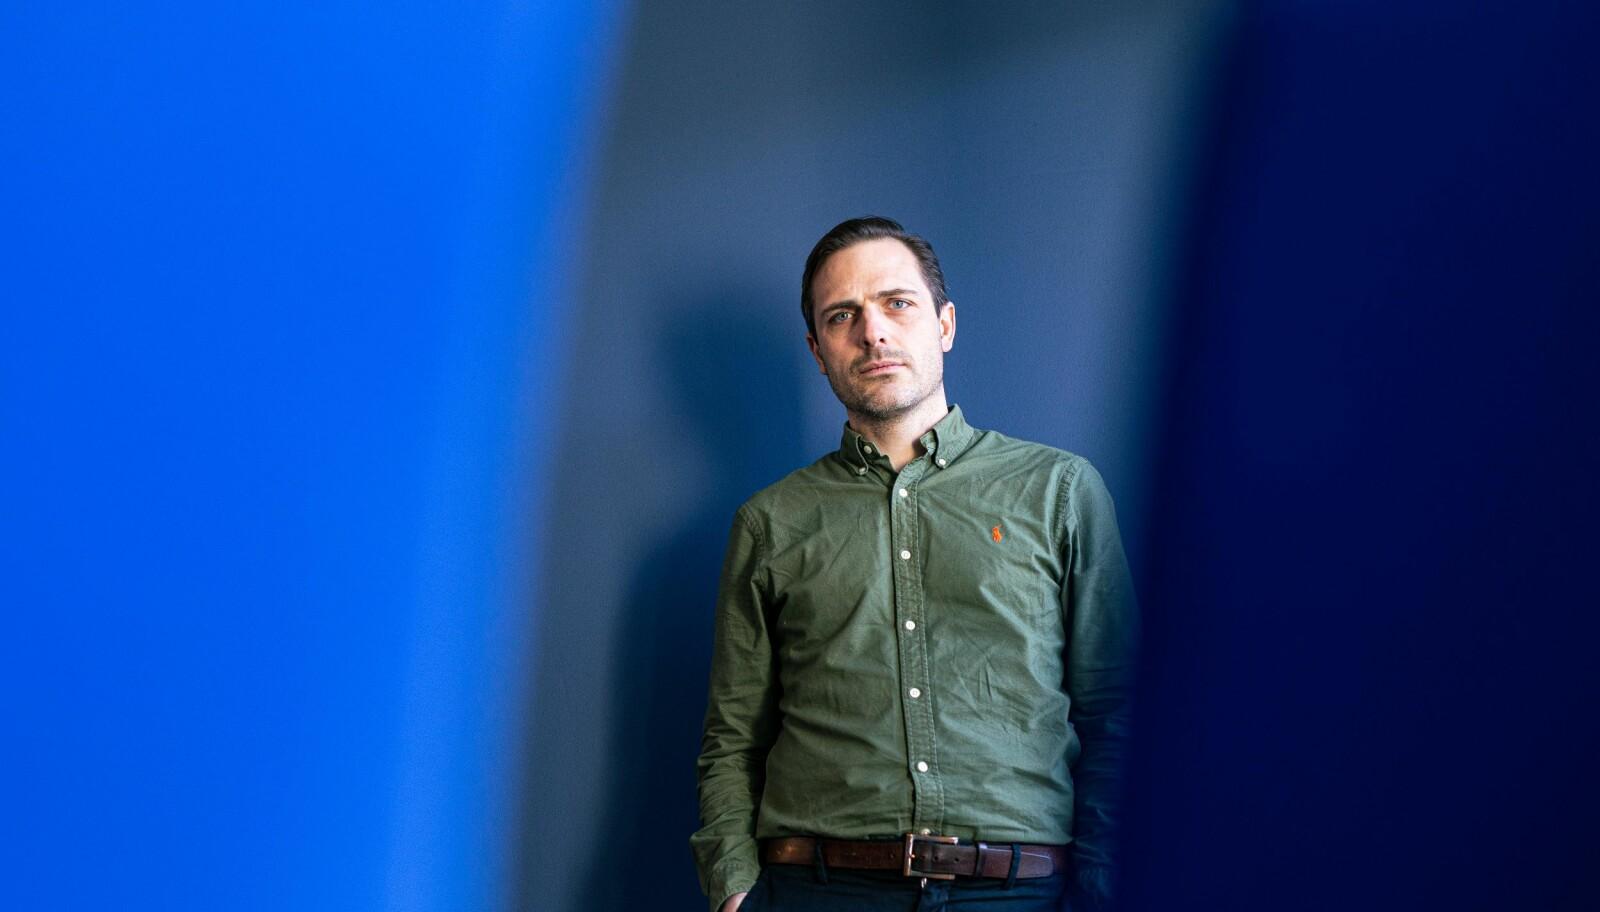 I mylderet av kunnskapssektorens sjangre - fra bøker og artikler til søknader og Powerpoint-presentasjoner — har Kristian Bjørkdahl valgt å analysere statens instrument, Tildelingsbrevet fra departementet til institusjonene.